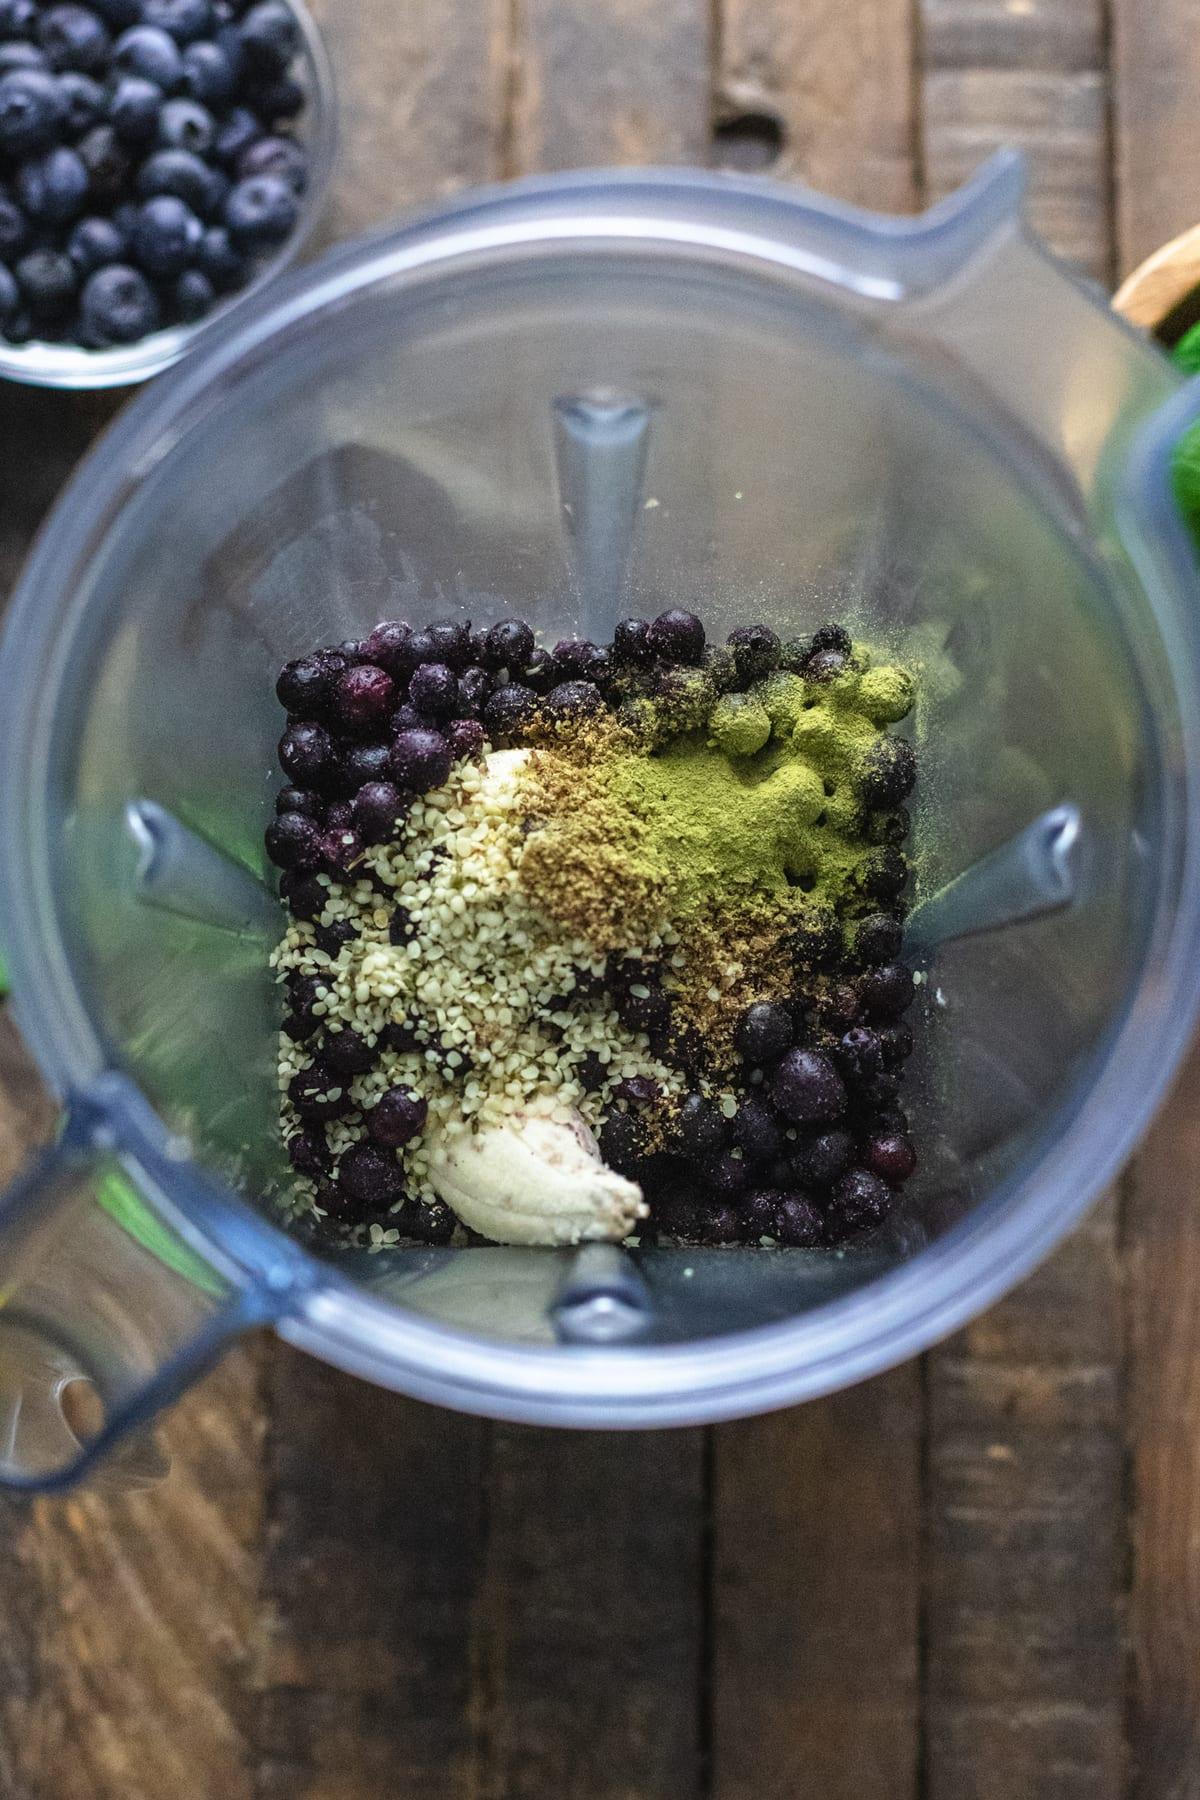 smoothie ingredients in a blender.